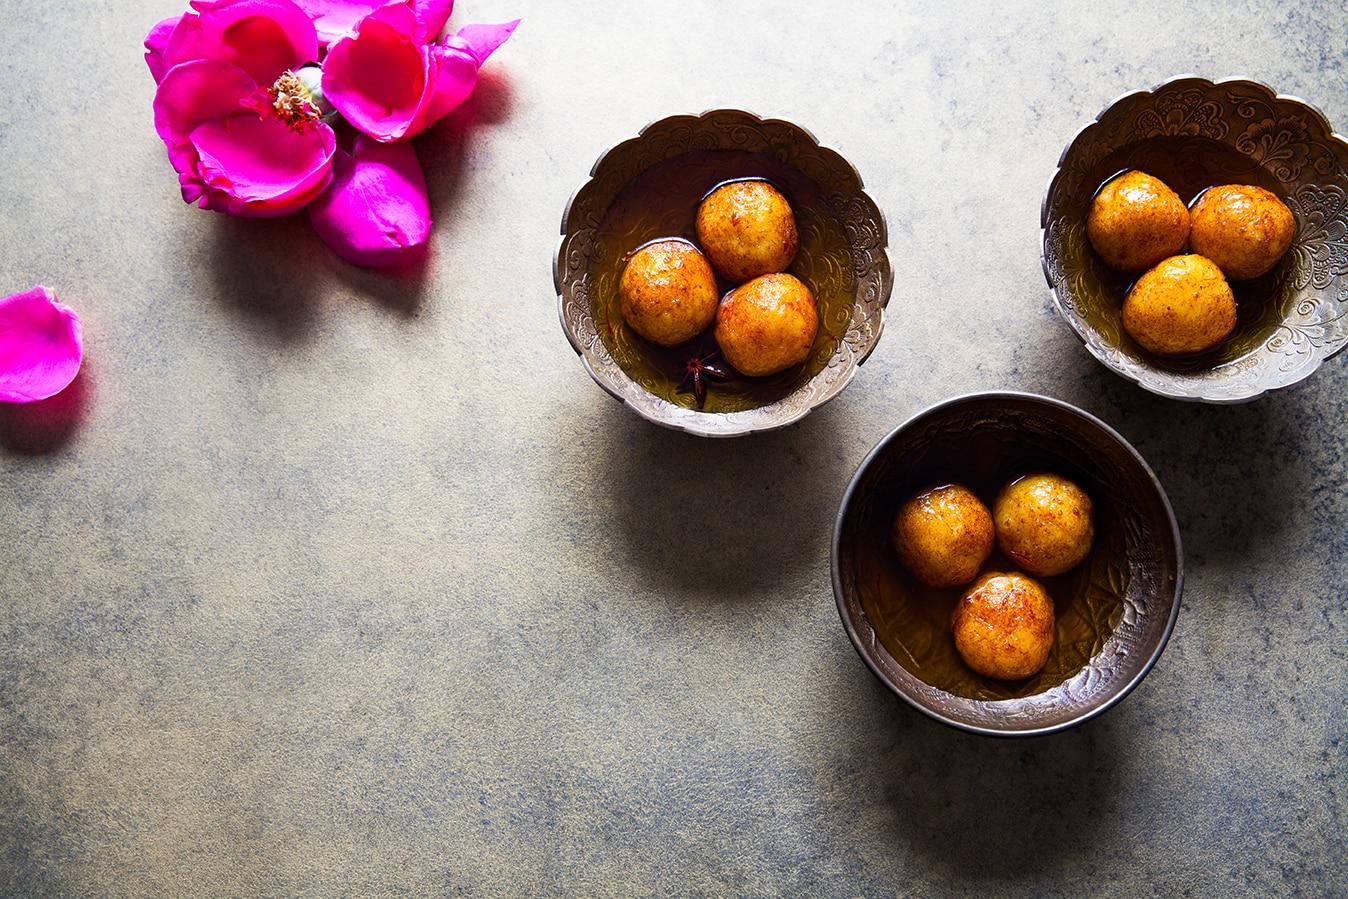 5 สุดยอดเมนูอาหารฮาลาล ที่คุณสามารถสั่งเดลิเวอรี่ผ่าน foodpanda ได้เลย